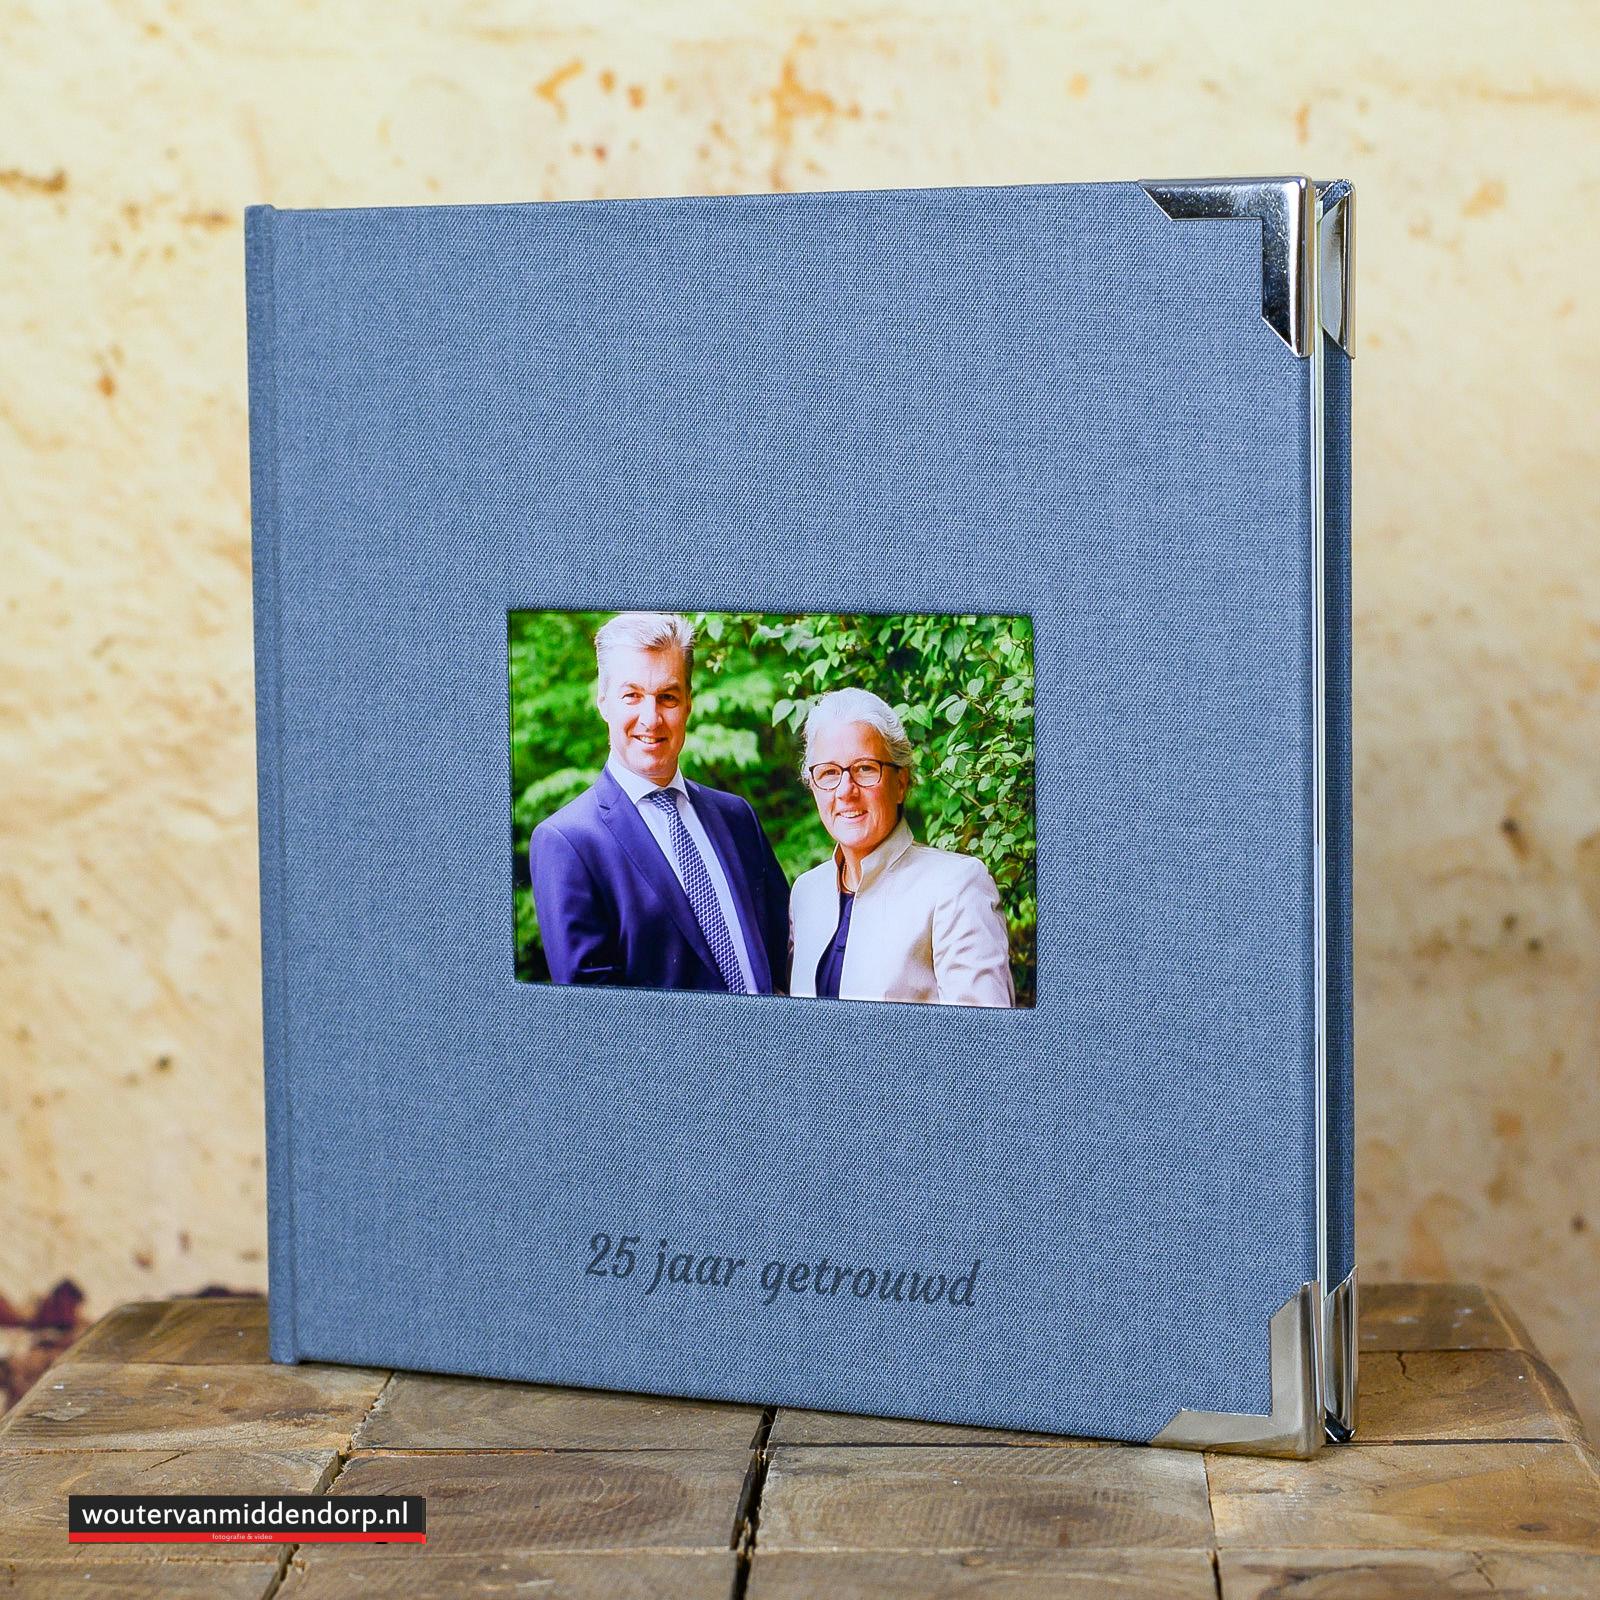 familiealbum fotoboek Wouter van middendorp (1)